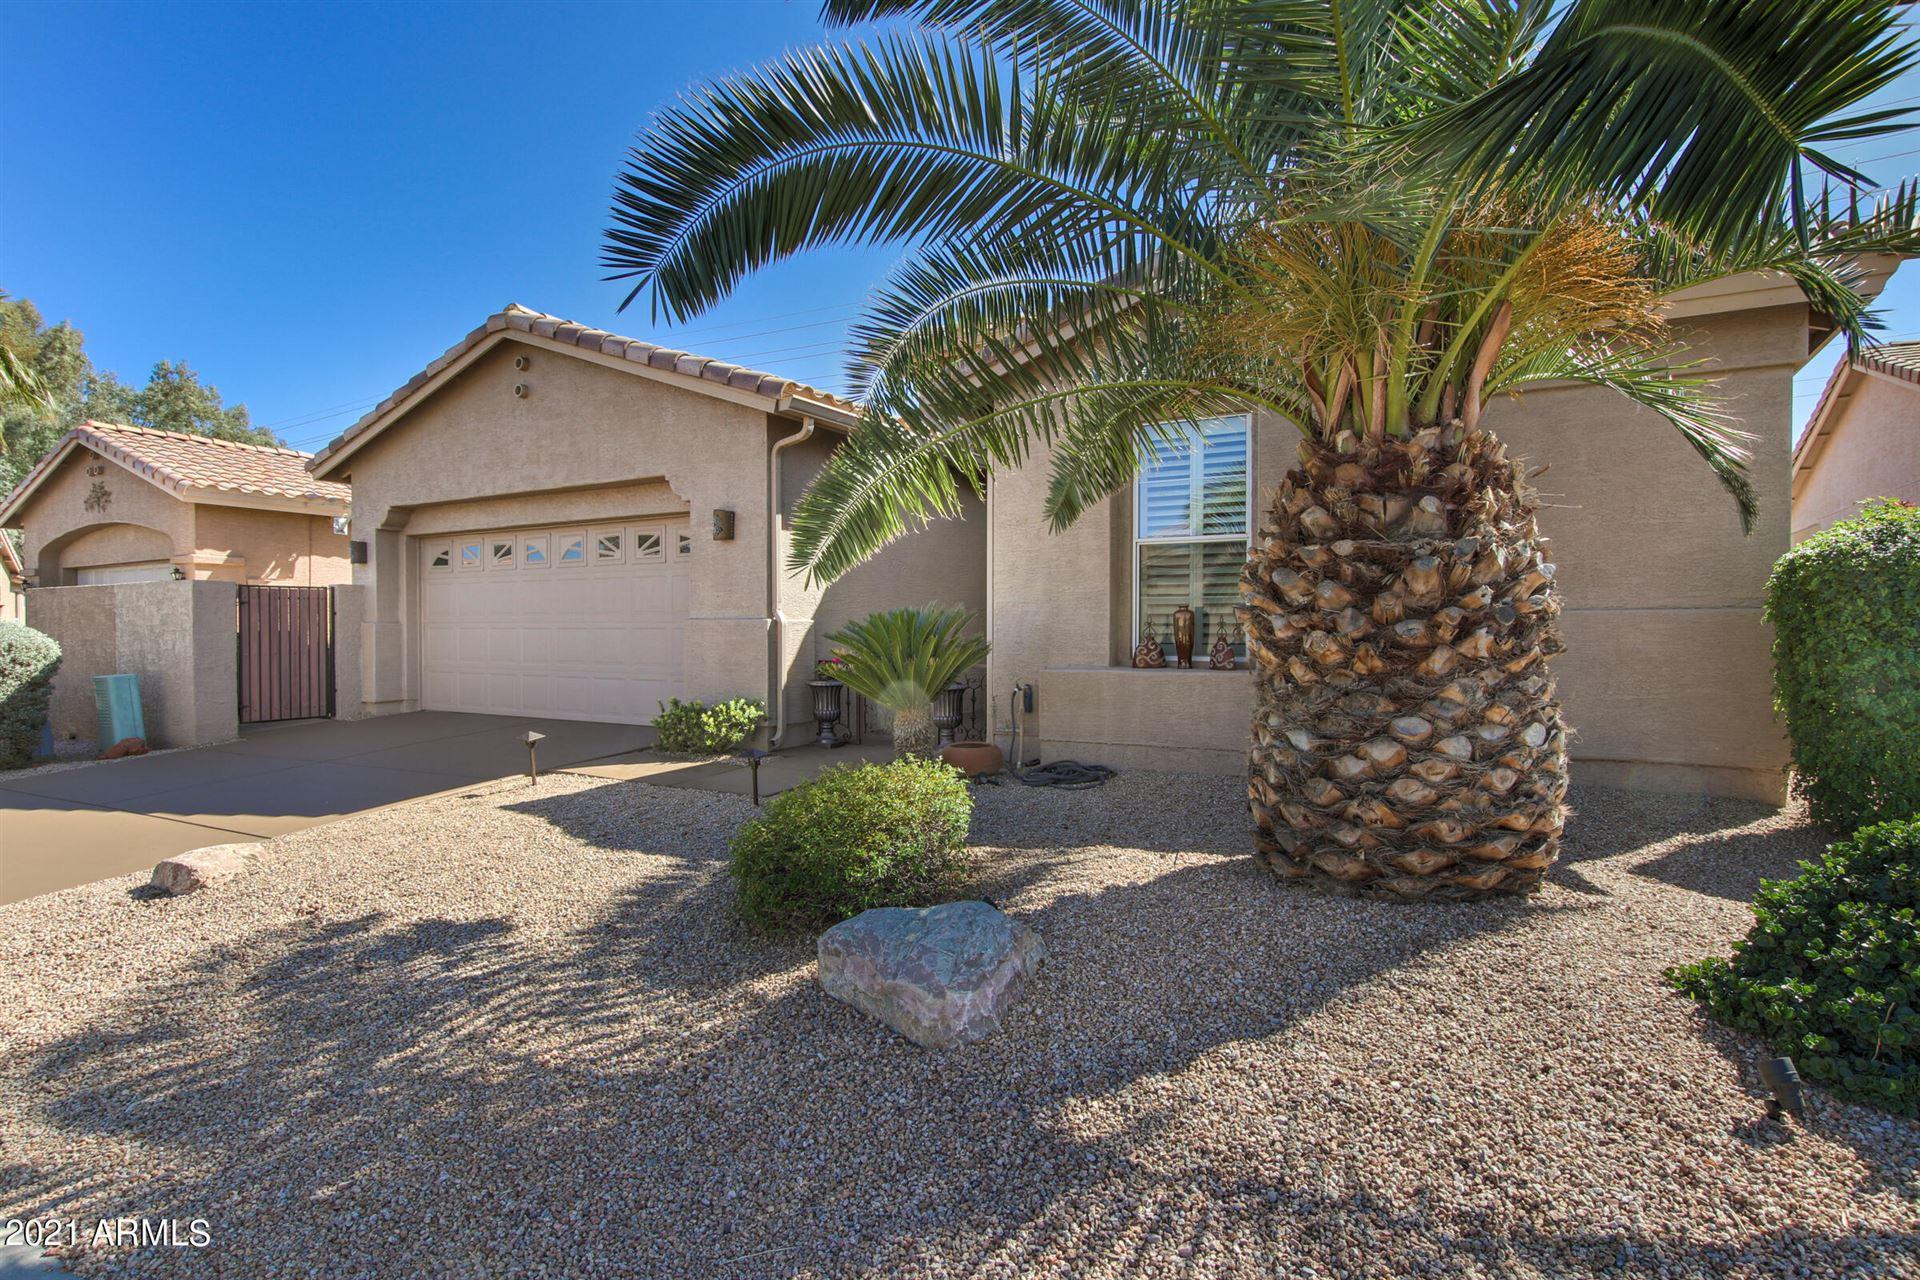 Photo of 9843 E STONEY VISTA Drive, Sun Lakes, AZ 85248 (MLS # 6201363)